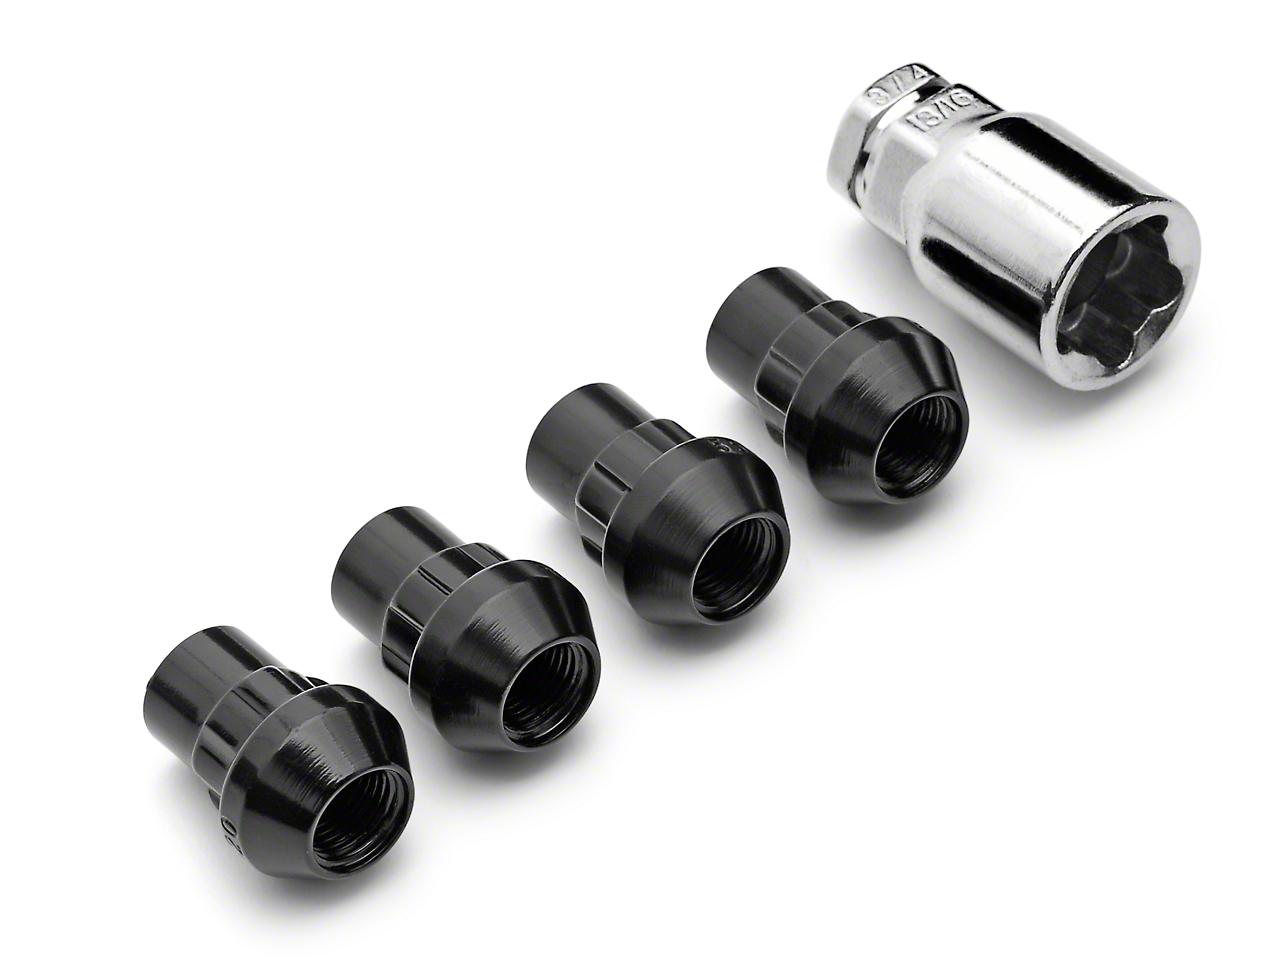 Locks with Key for Black Acorn Lug Nuts (79-14 All)